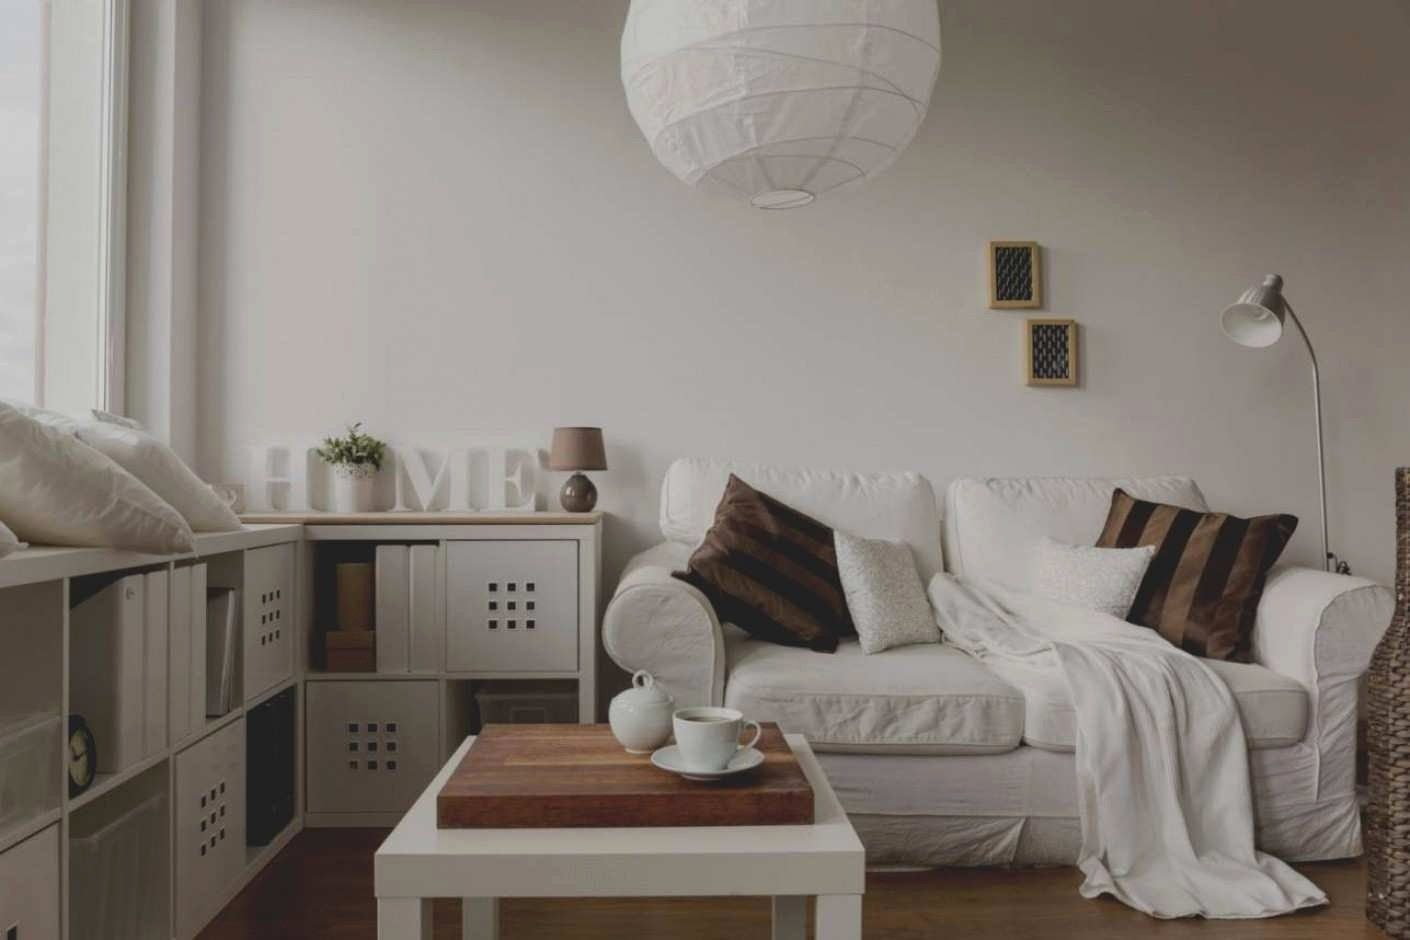 Wohnung Einrichten Ideen Selber Machen | Deko Fur Wohnung ...